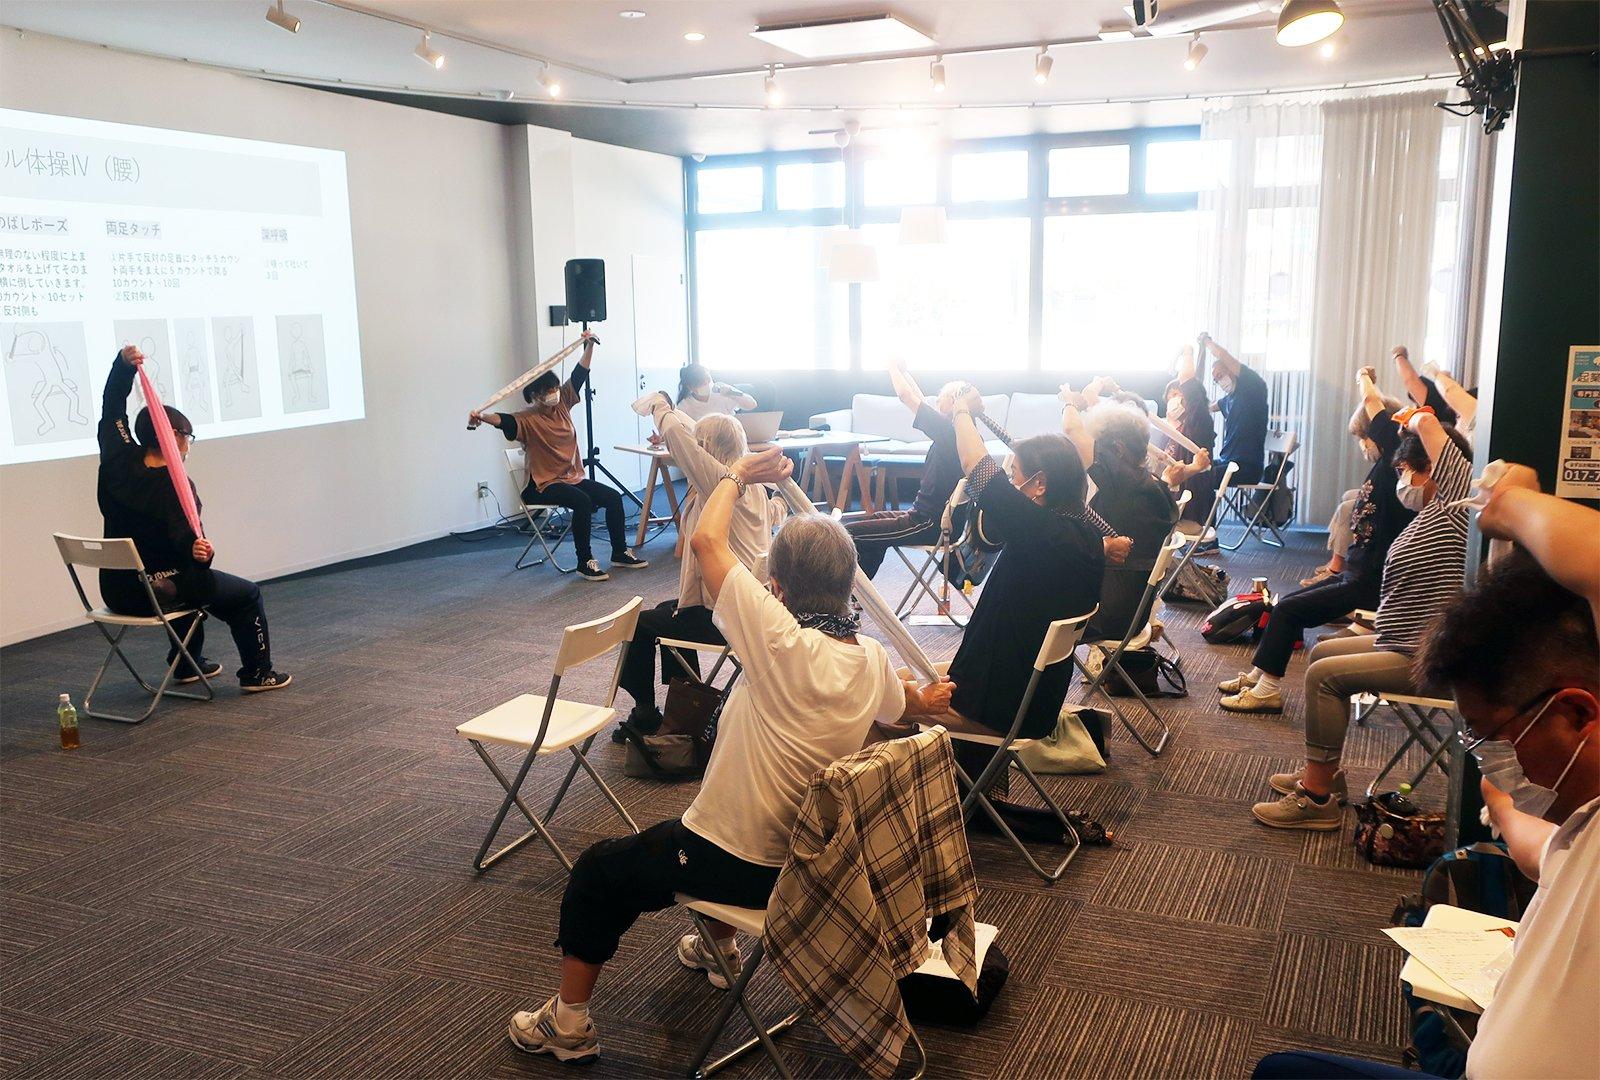 まちなかキャンパス公開講座 「座ったままでできる日用品を使った健康ストレッチ」(2021/07/14)を開催しました